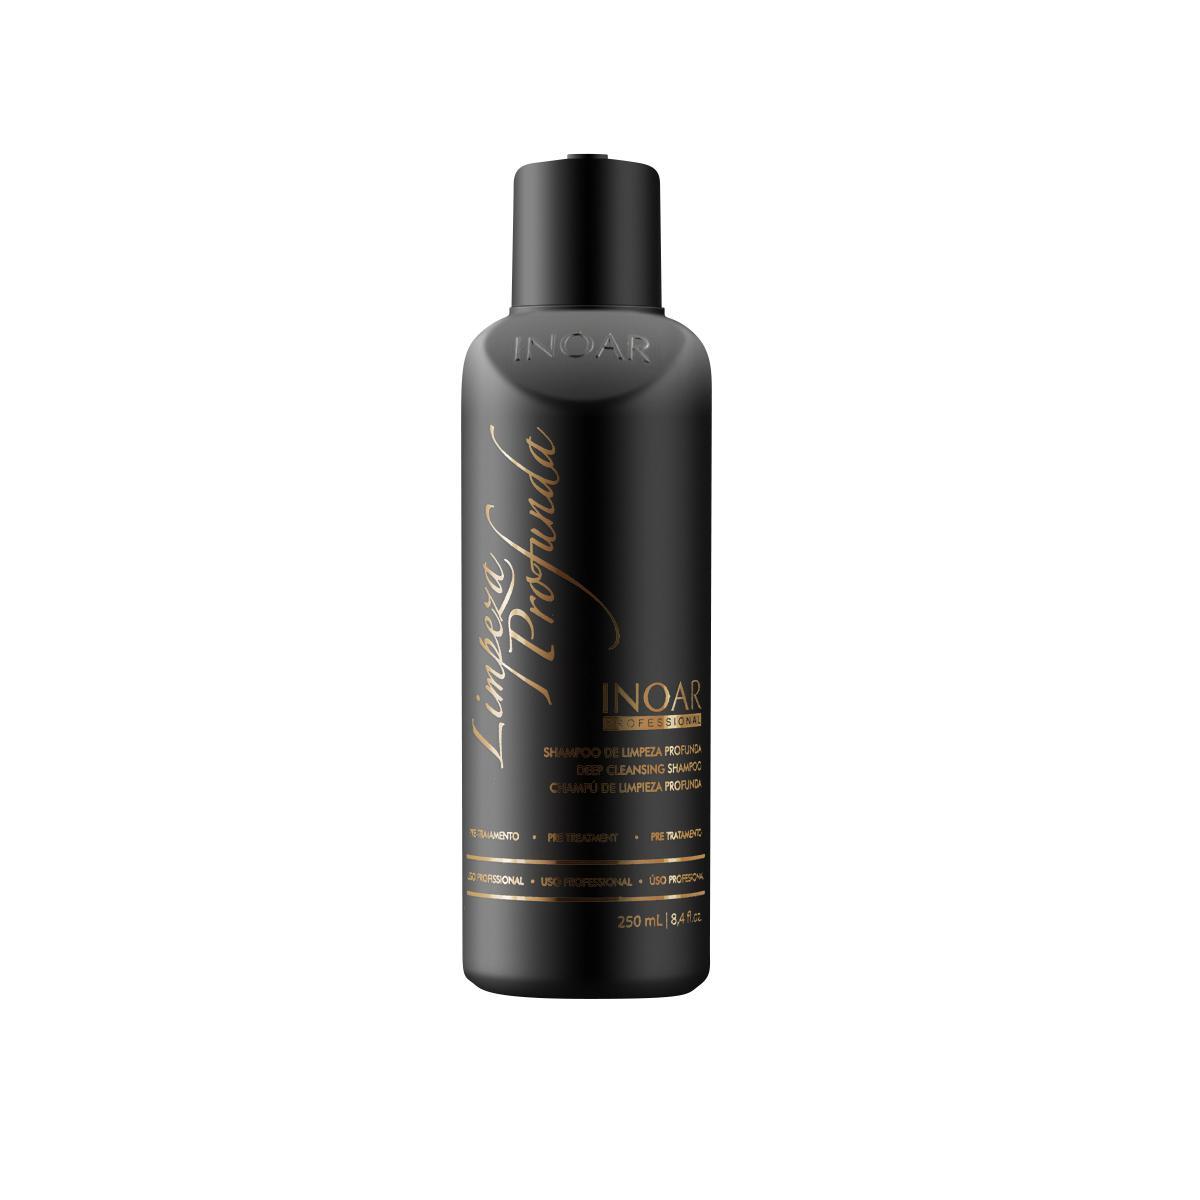 inoar-marroquino-shampoing-clarifiant-250ml